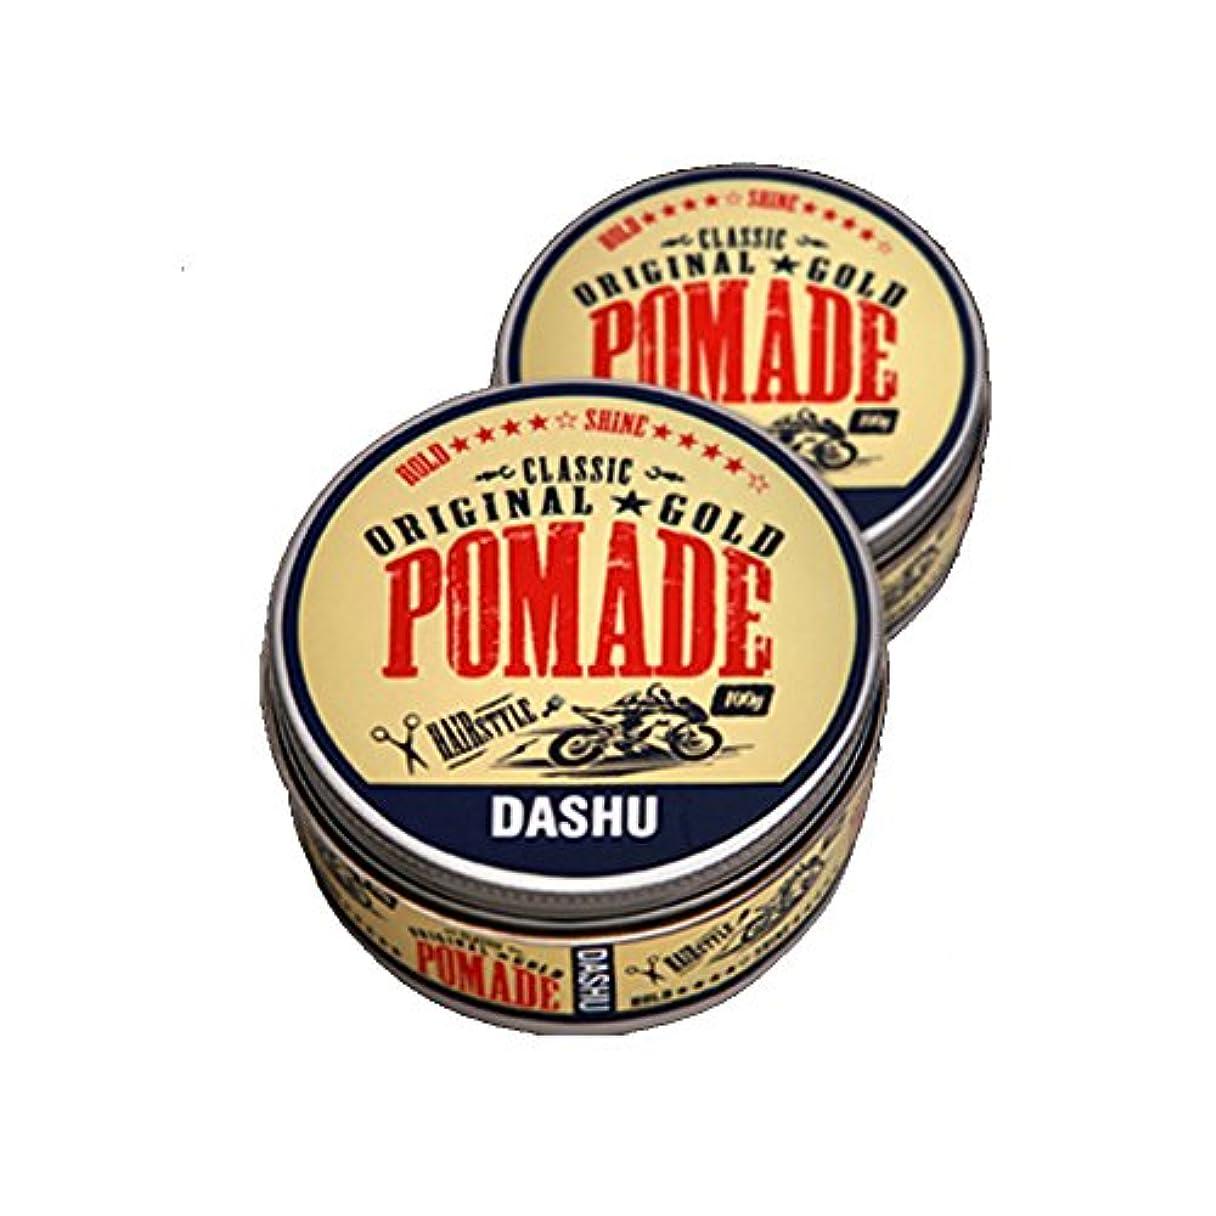 慈善ジャニス連結する(2個セット) x [DASHU] ダシュ クラシックオリジナルゴールドポマードヘアワックス Classic Original Gold Pomade Hair Wax 100ml / 韓国製 . 韓国直送品